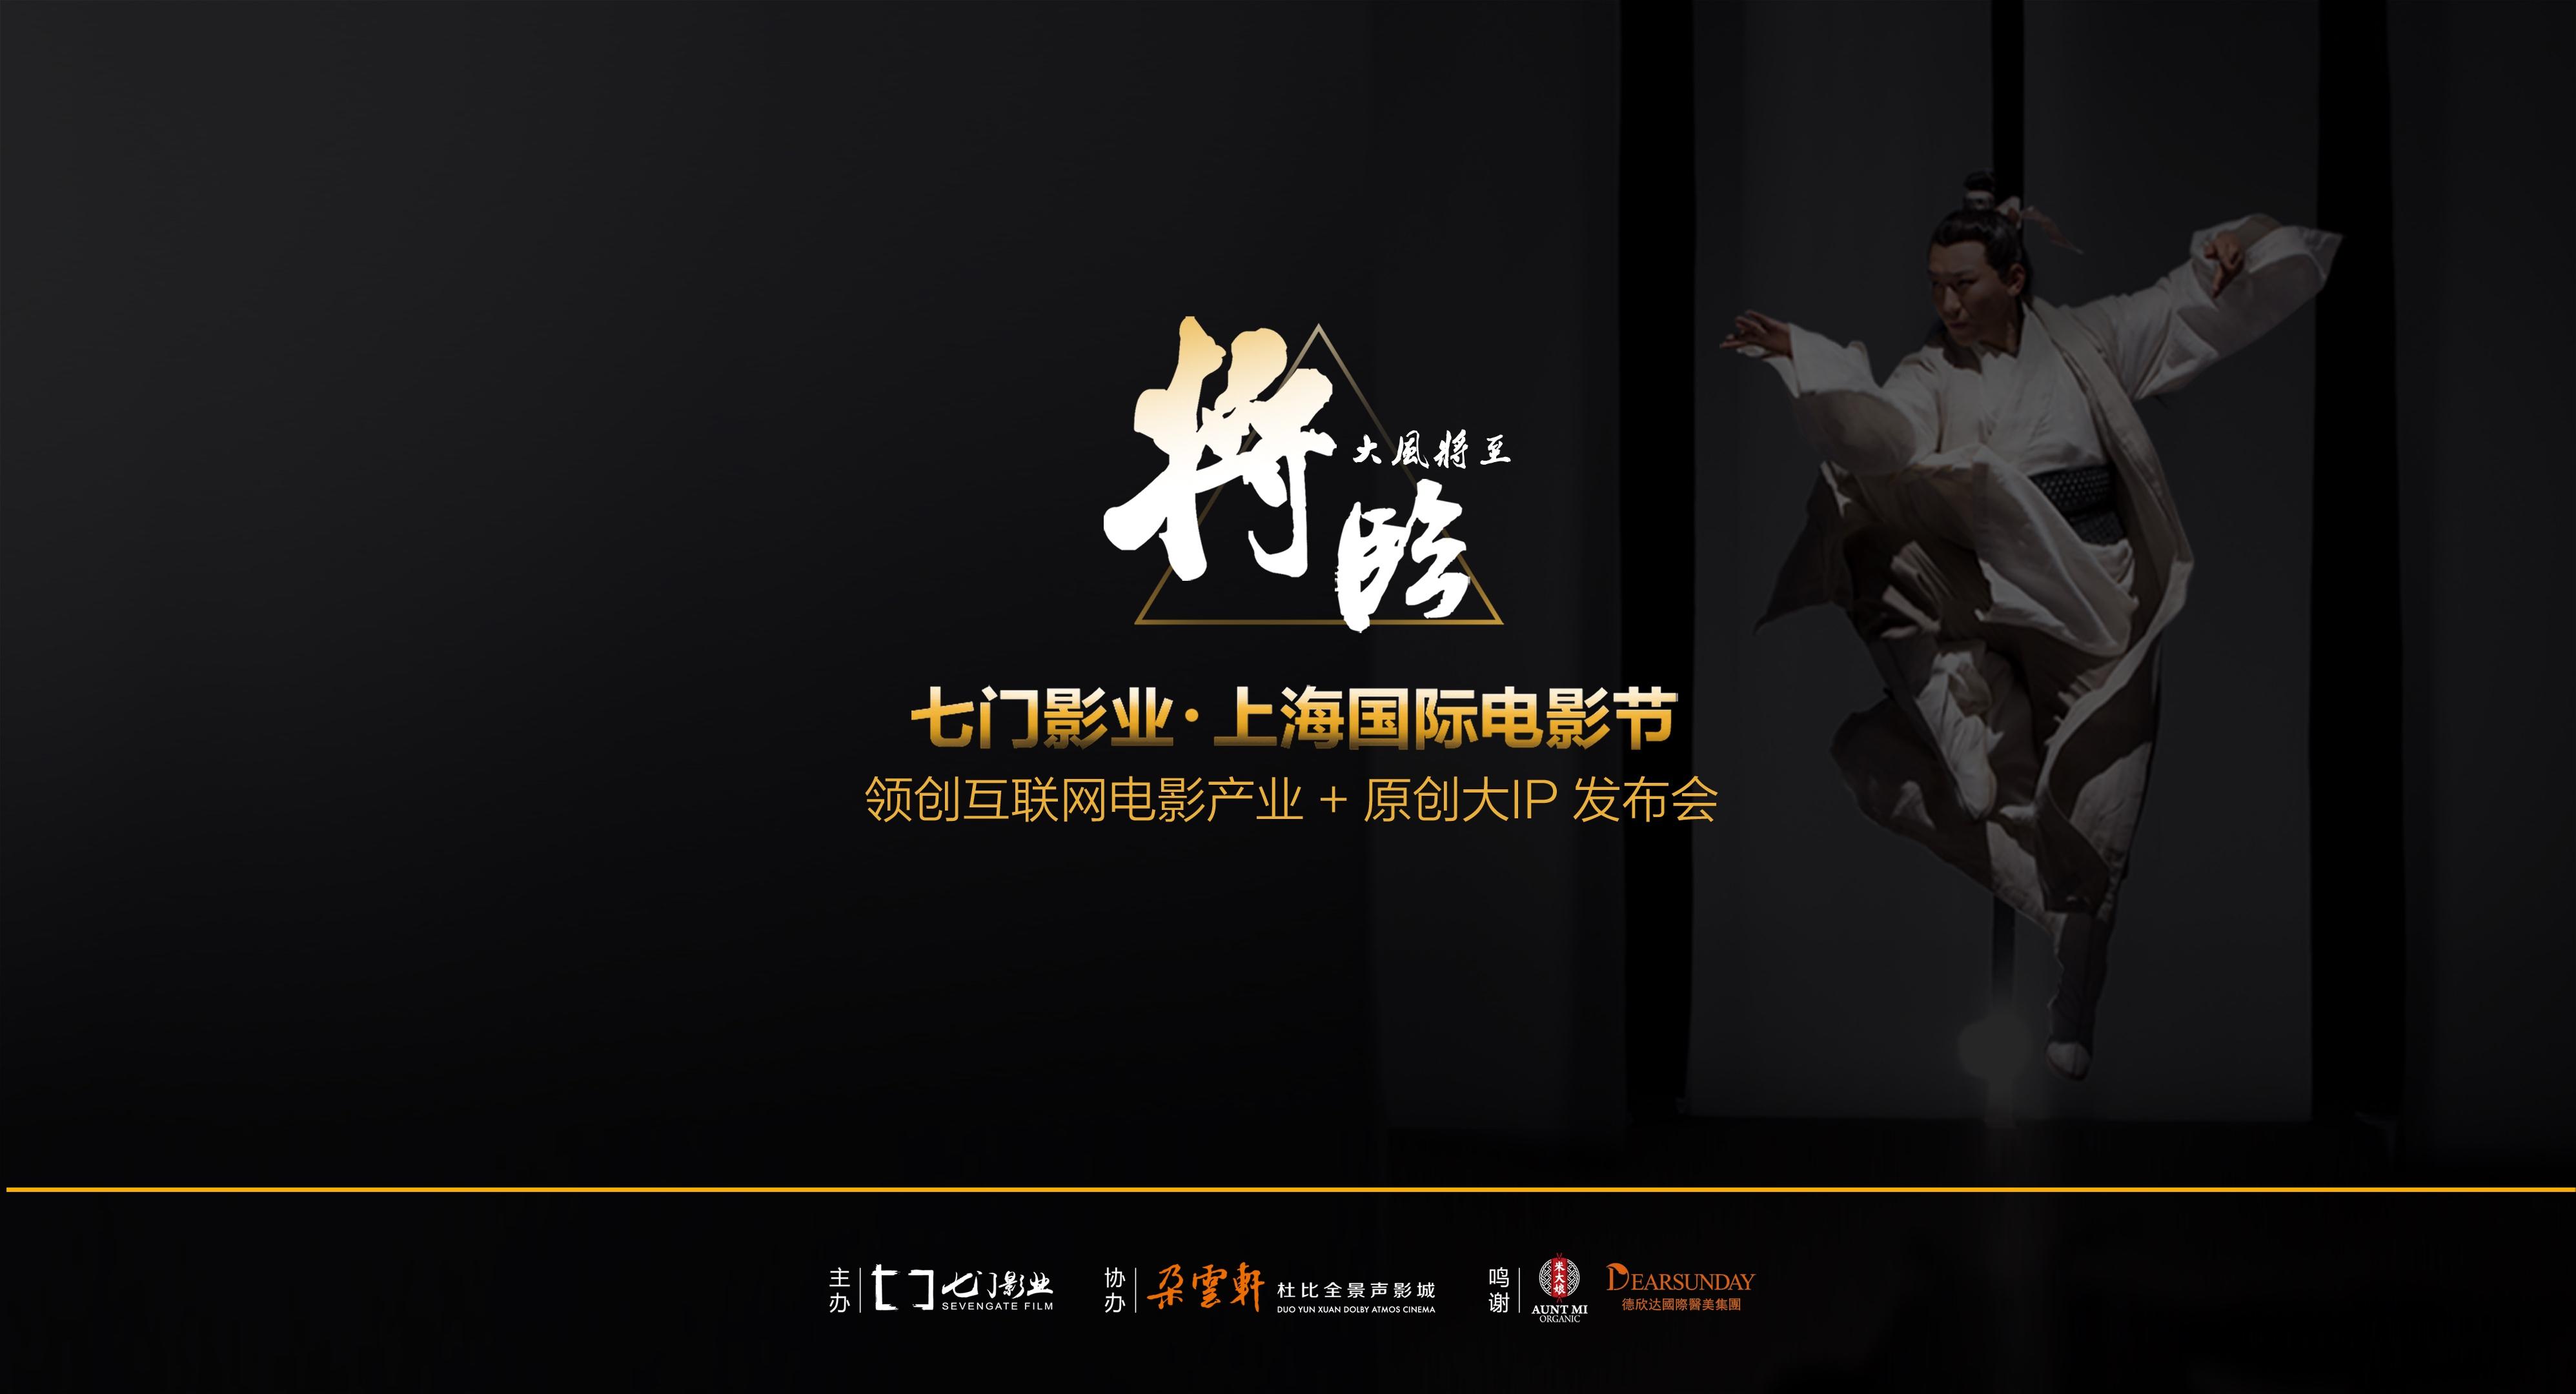 上海电影节七门影业发布会震撼开局(组图)图片